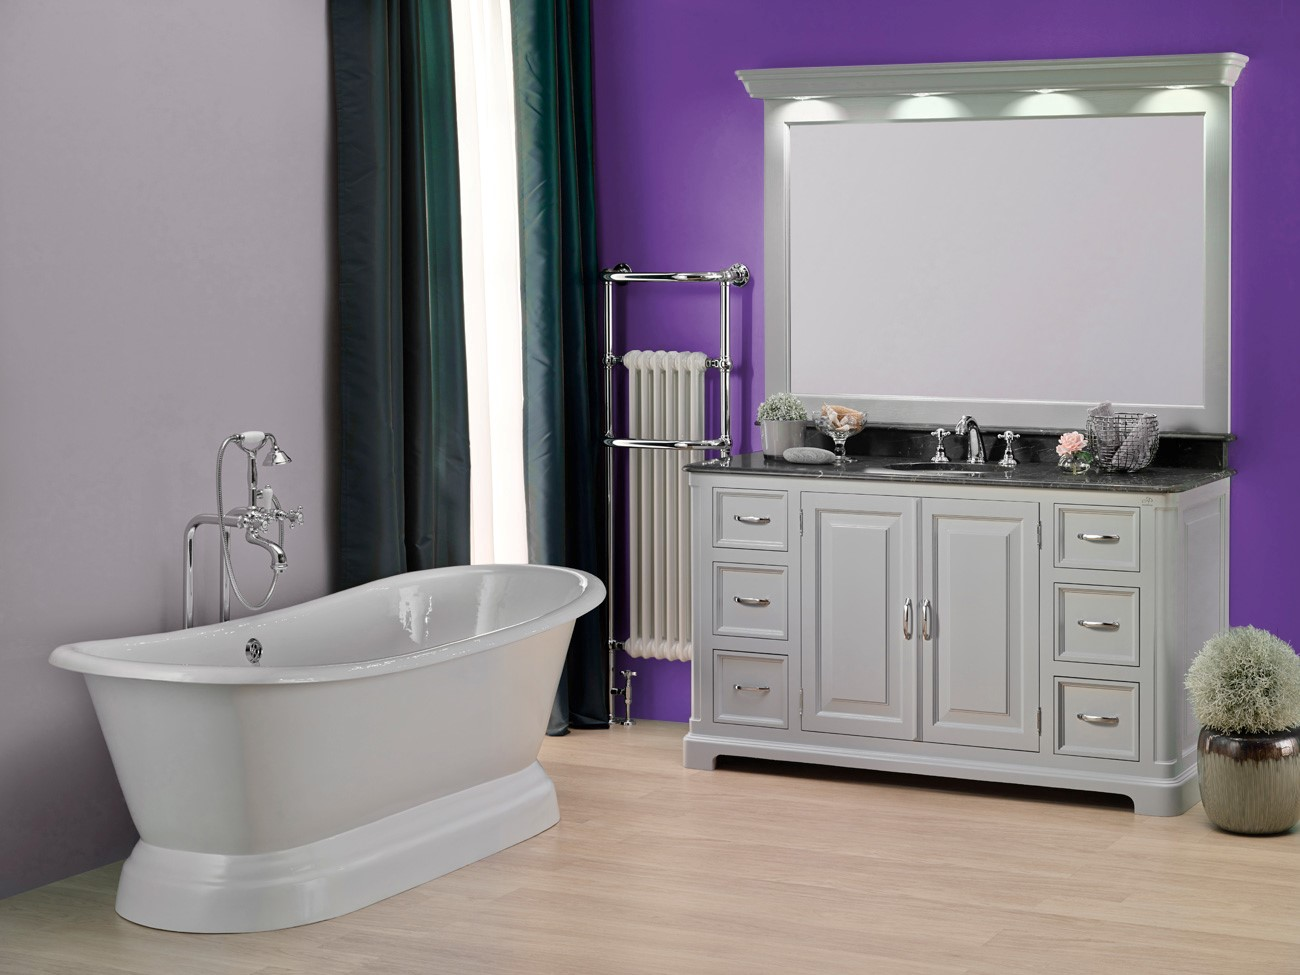 Collection de meubles Regent d'Aquaprestige